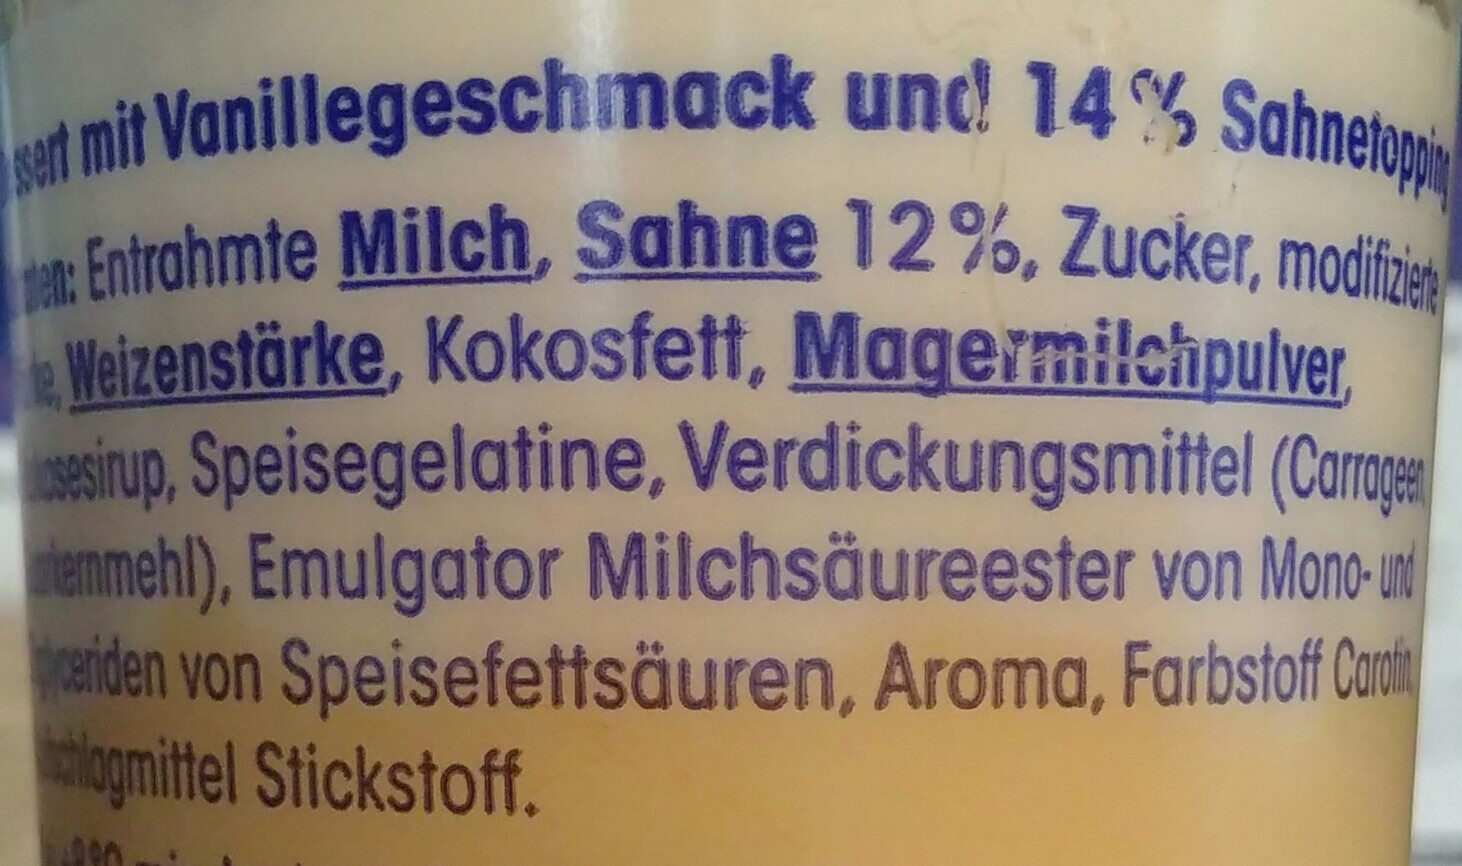 Dessert mit Vanillegeschmack mit Sahnetopping - Ingrédients - de